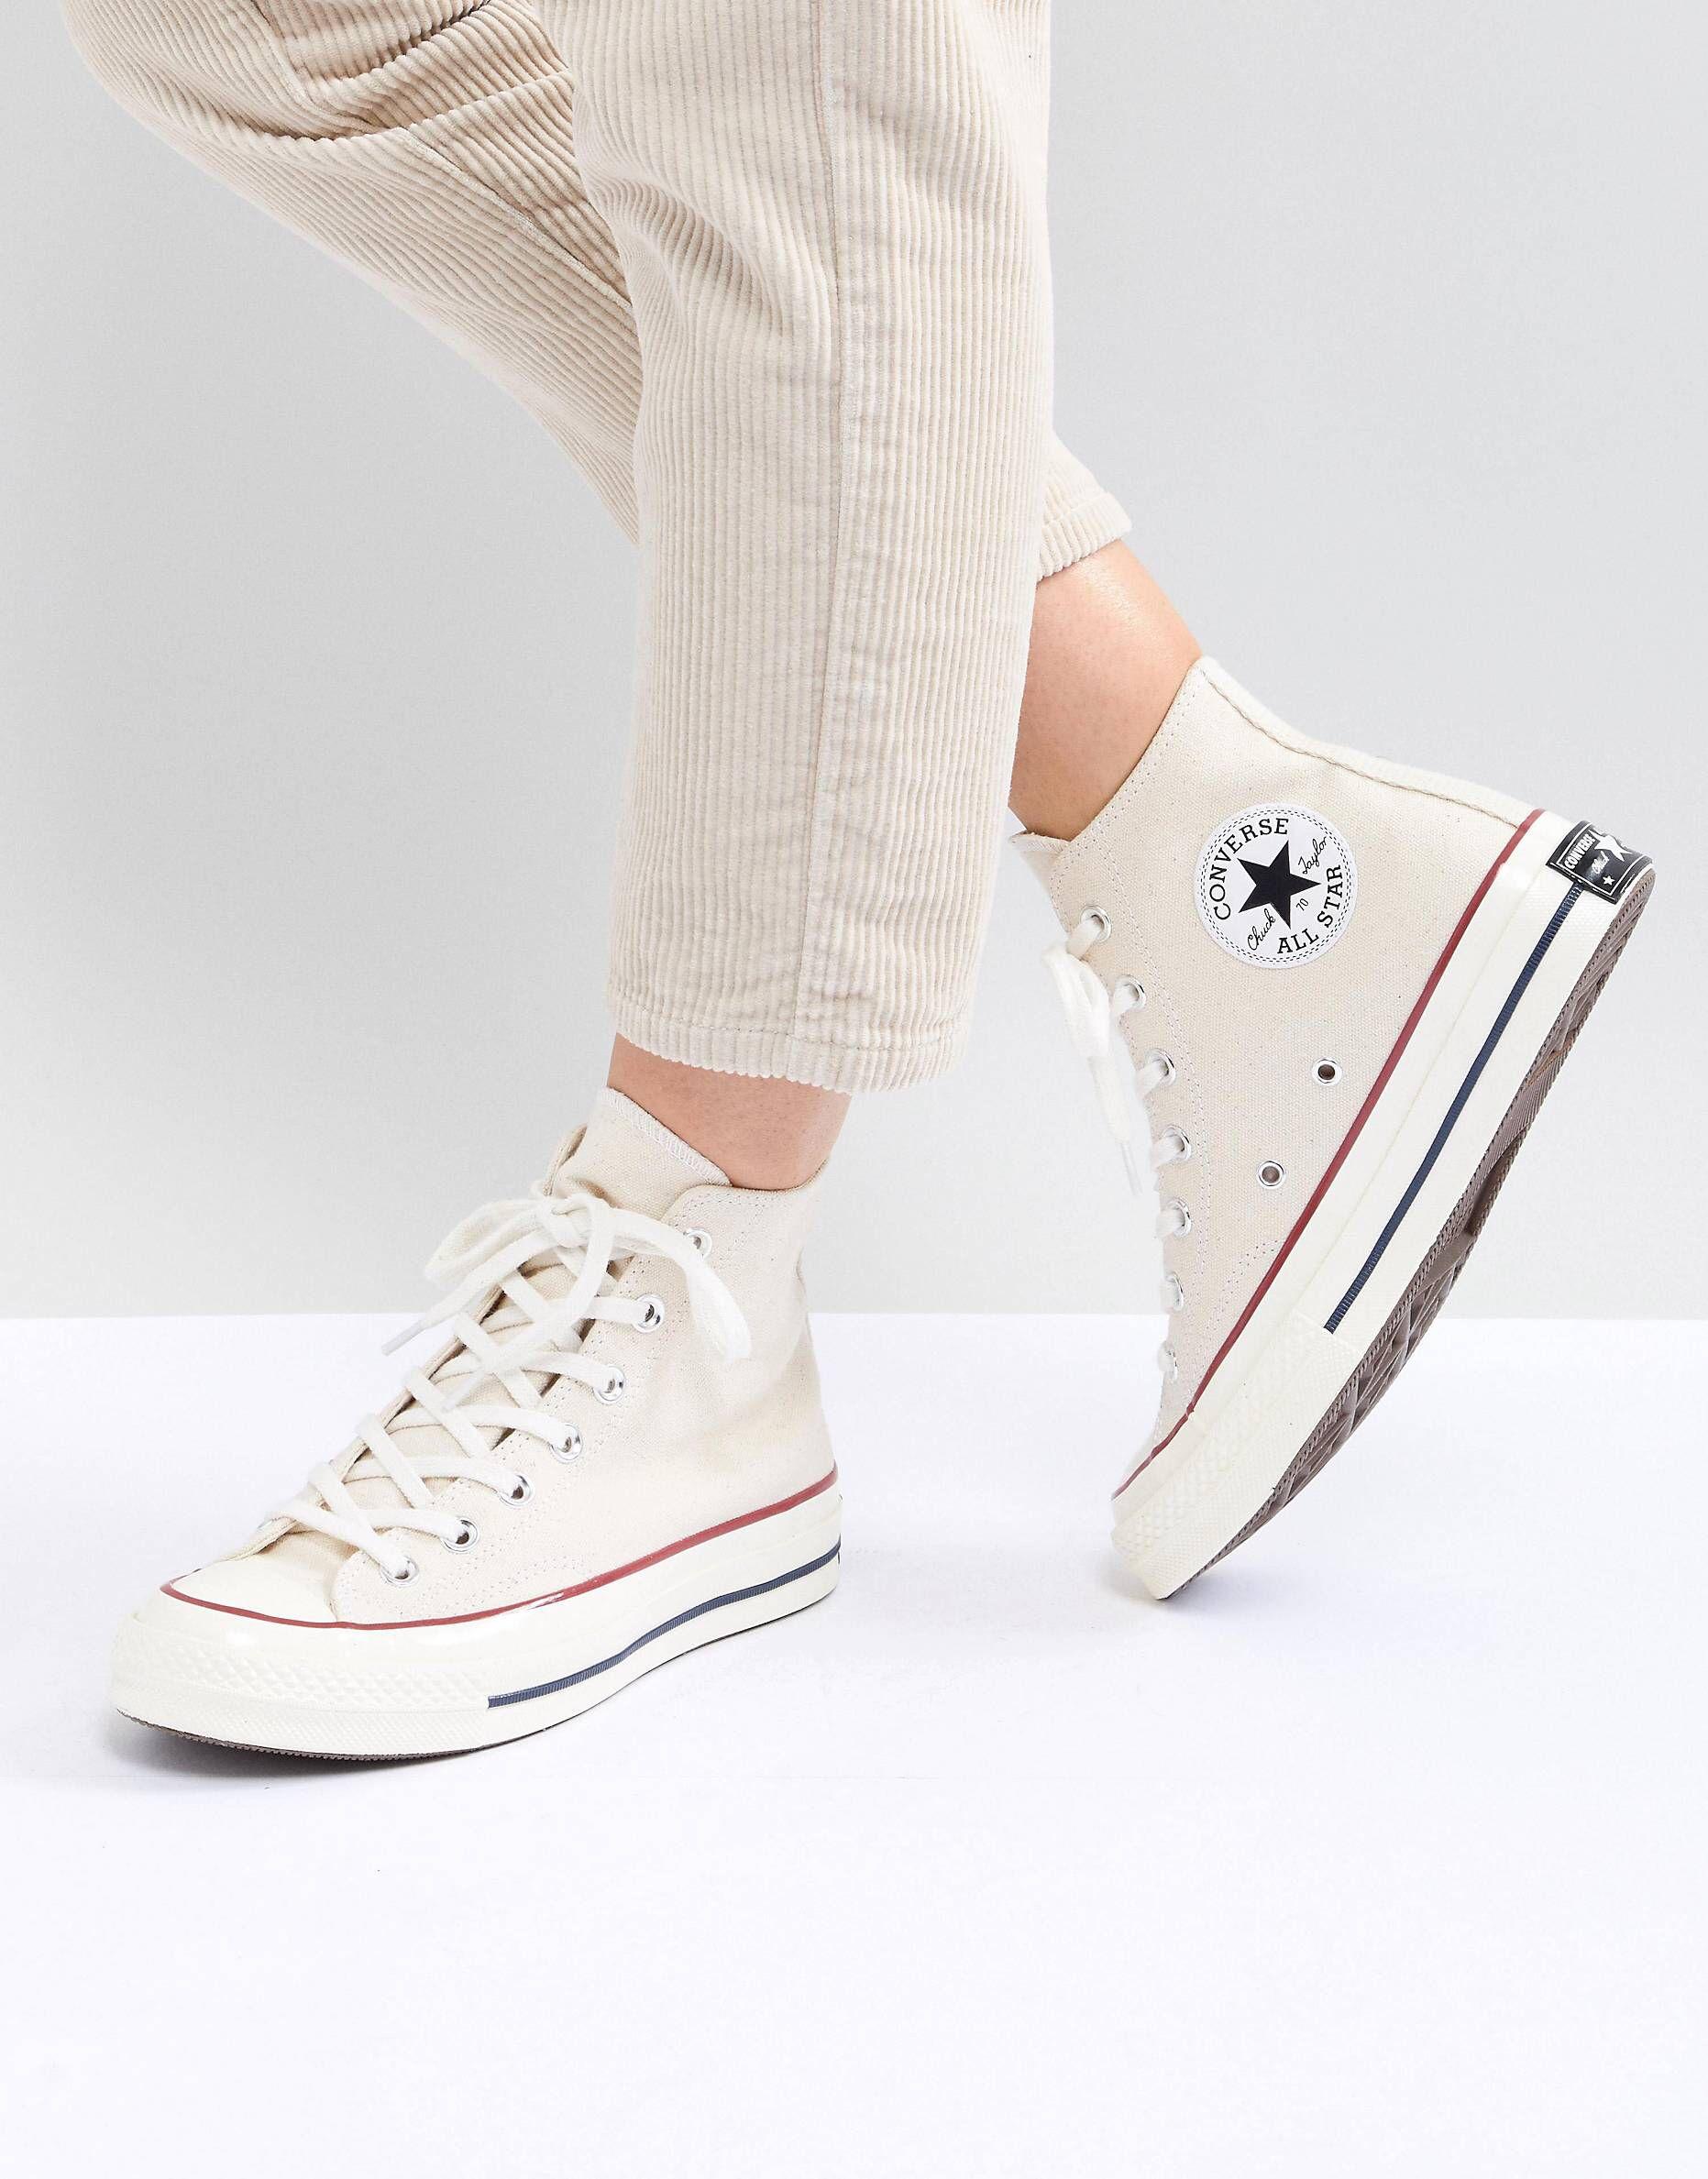 Converse Sneaker Cream Beige